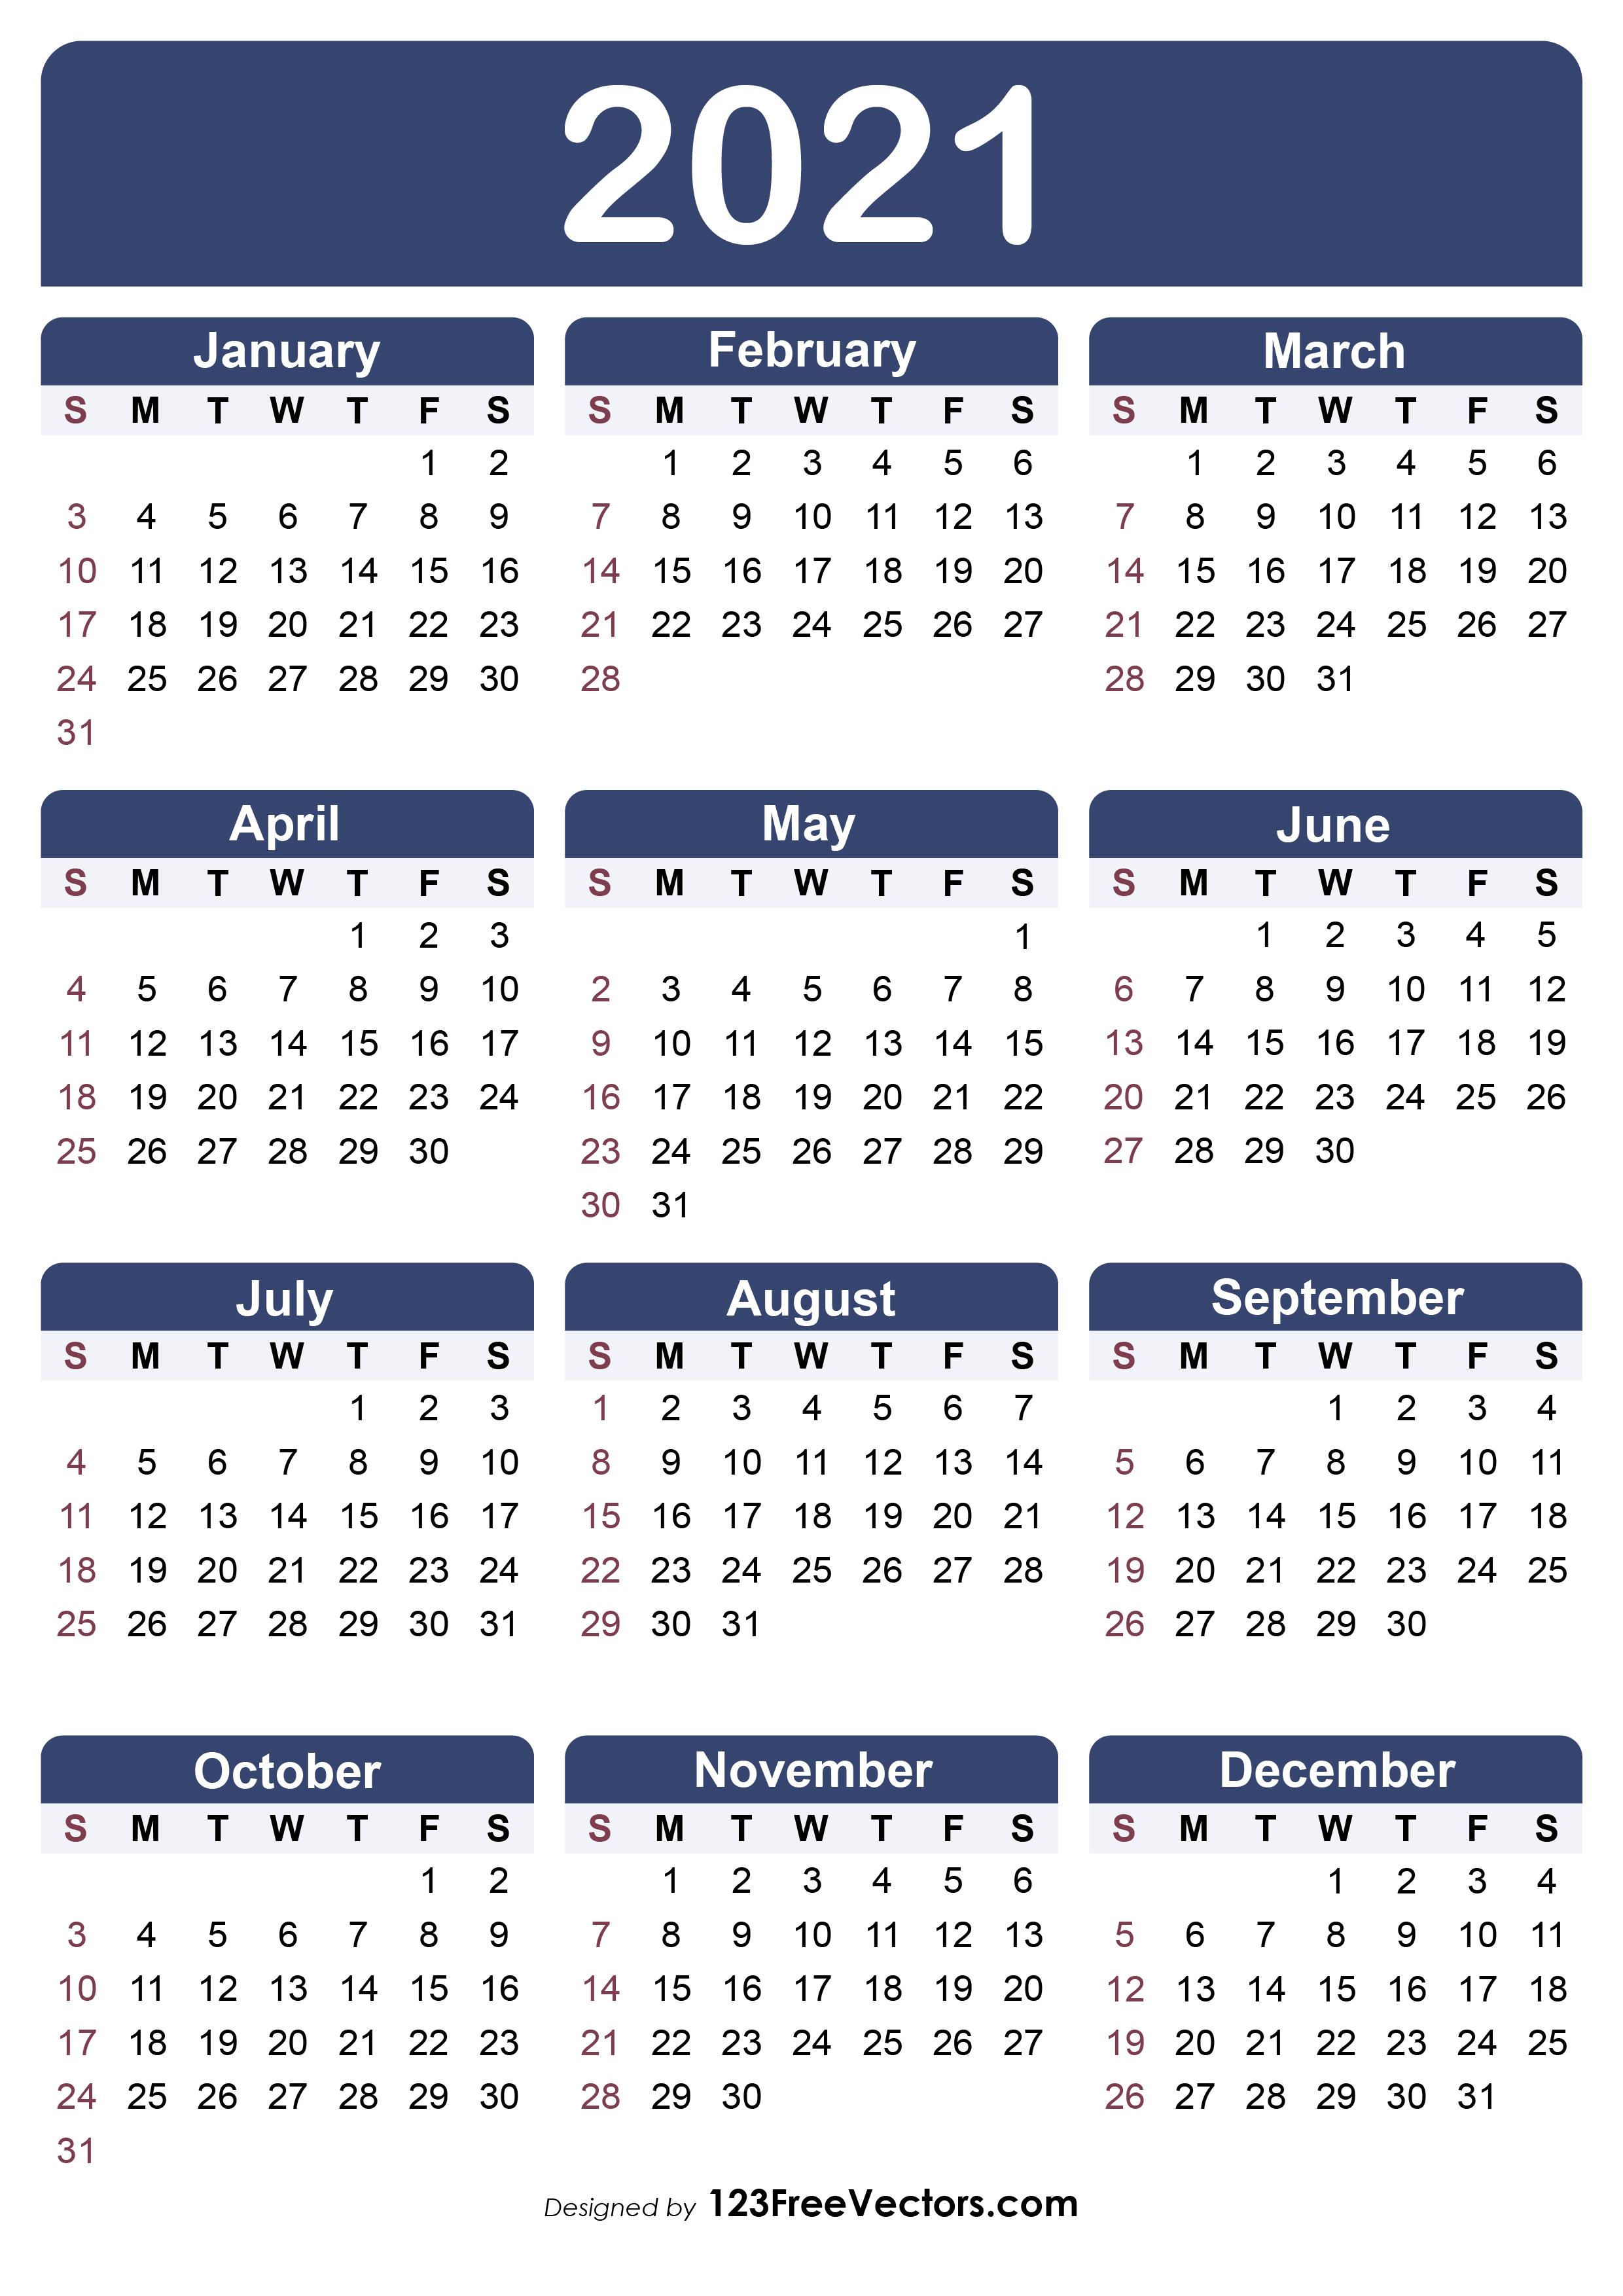 Christmas 2021 Editable Calendar 210 2021 Calendar Vectors Download Free Vector Art Graphics 123freevectors